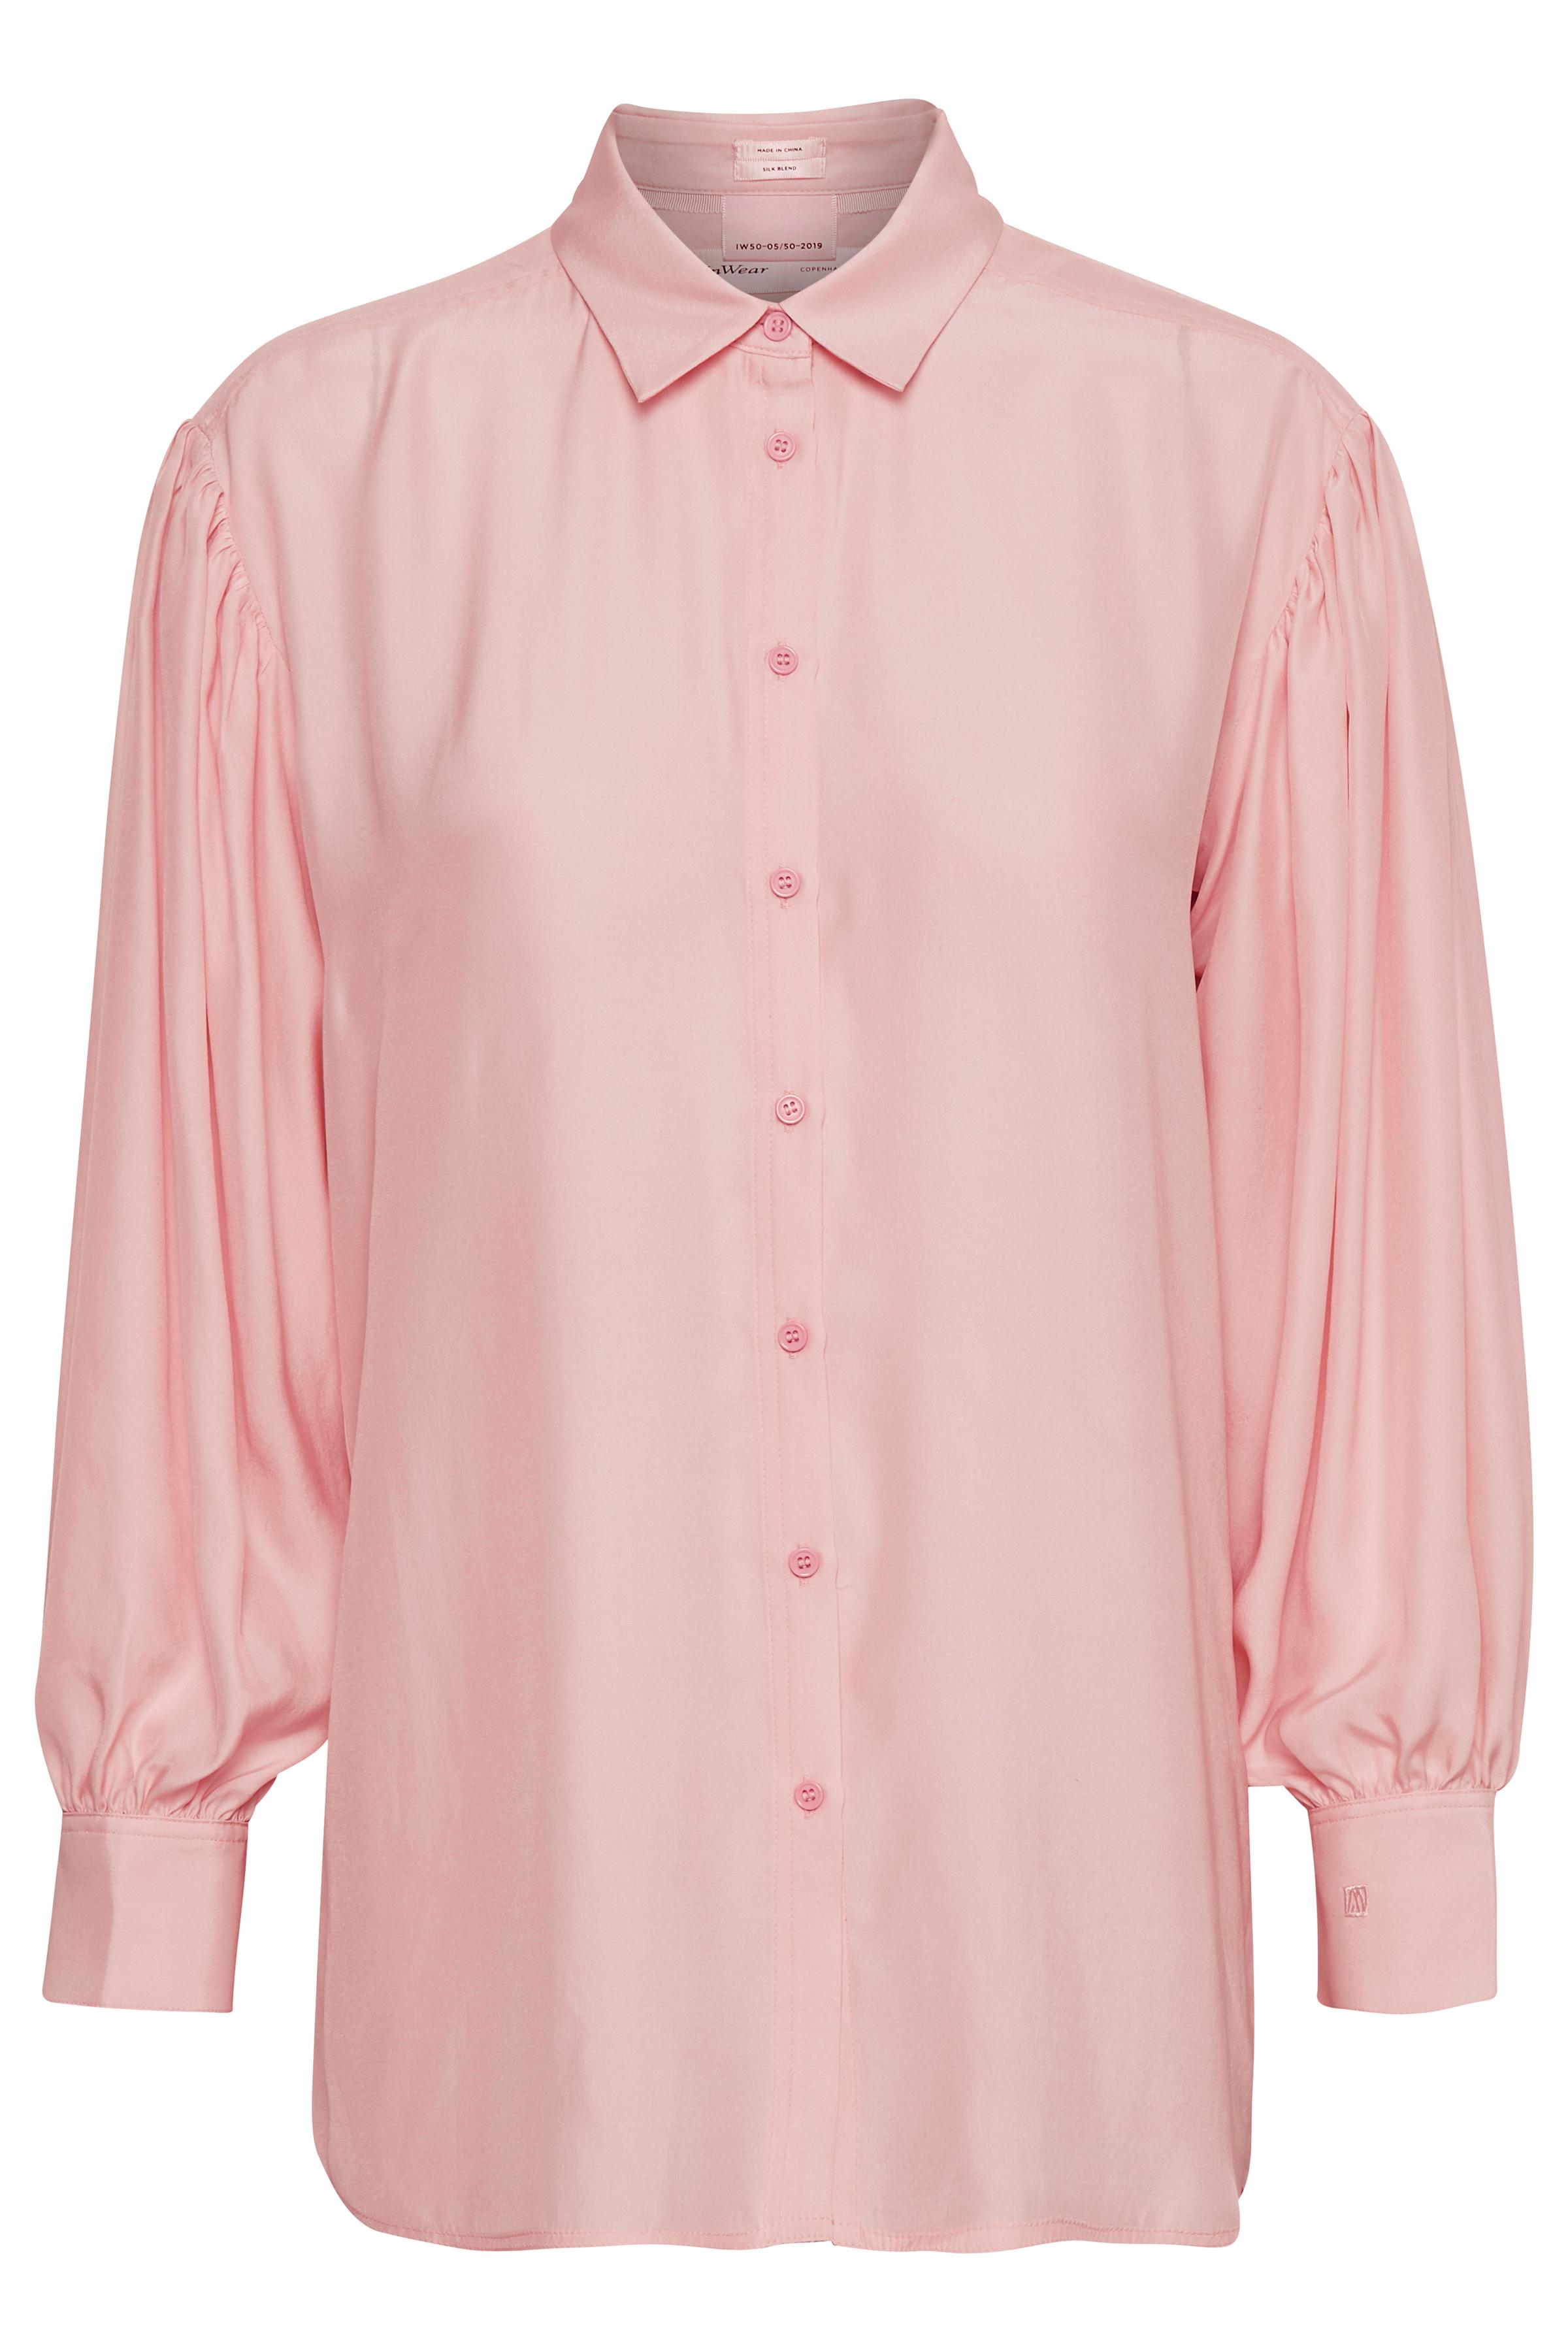 Pink Shadow IW50 04 Hutton Skjorte   – Køb Pink Shadow IW50 04 Hutton Skjorte   fra str. 32-42 her